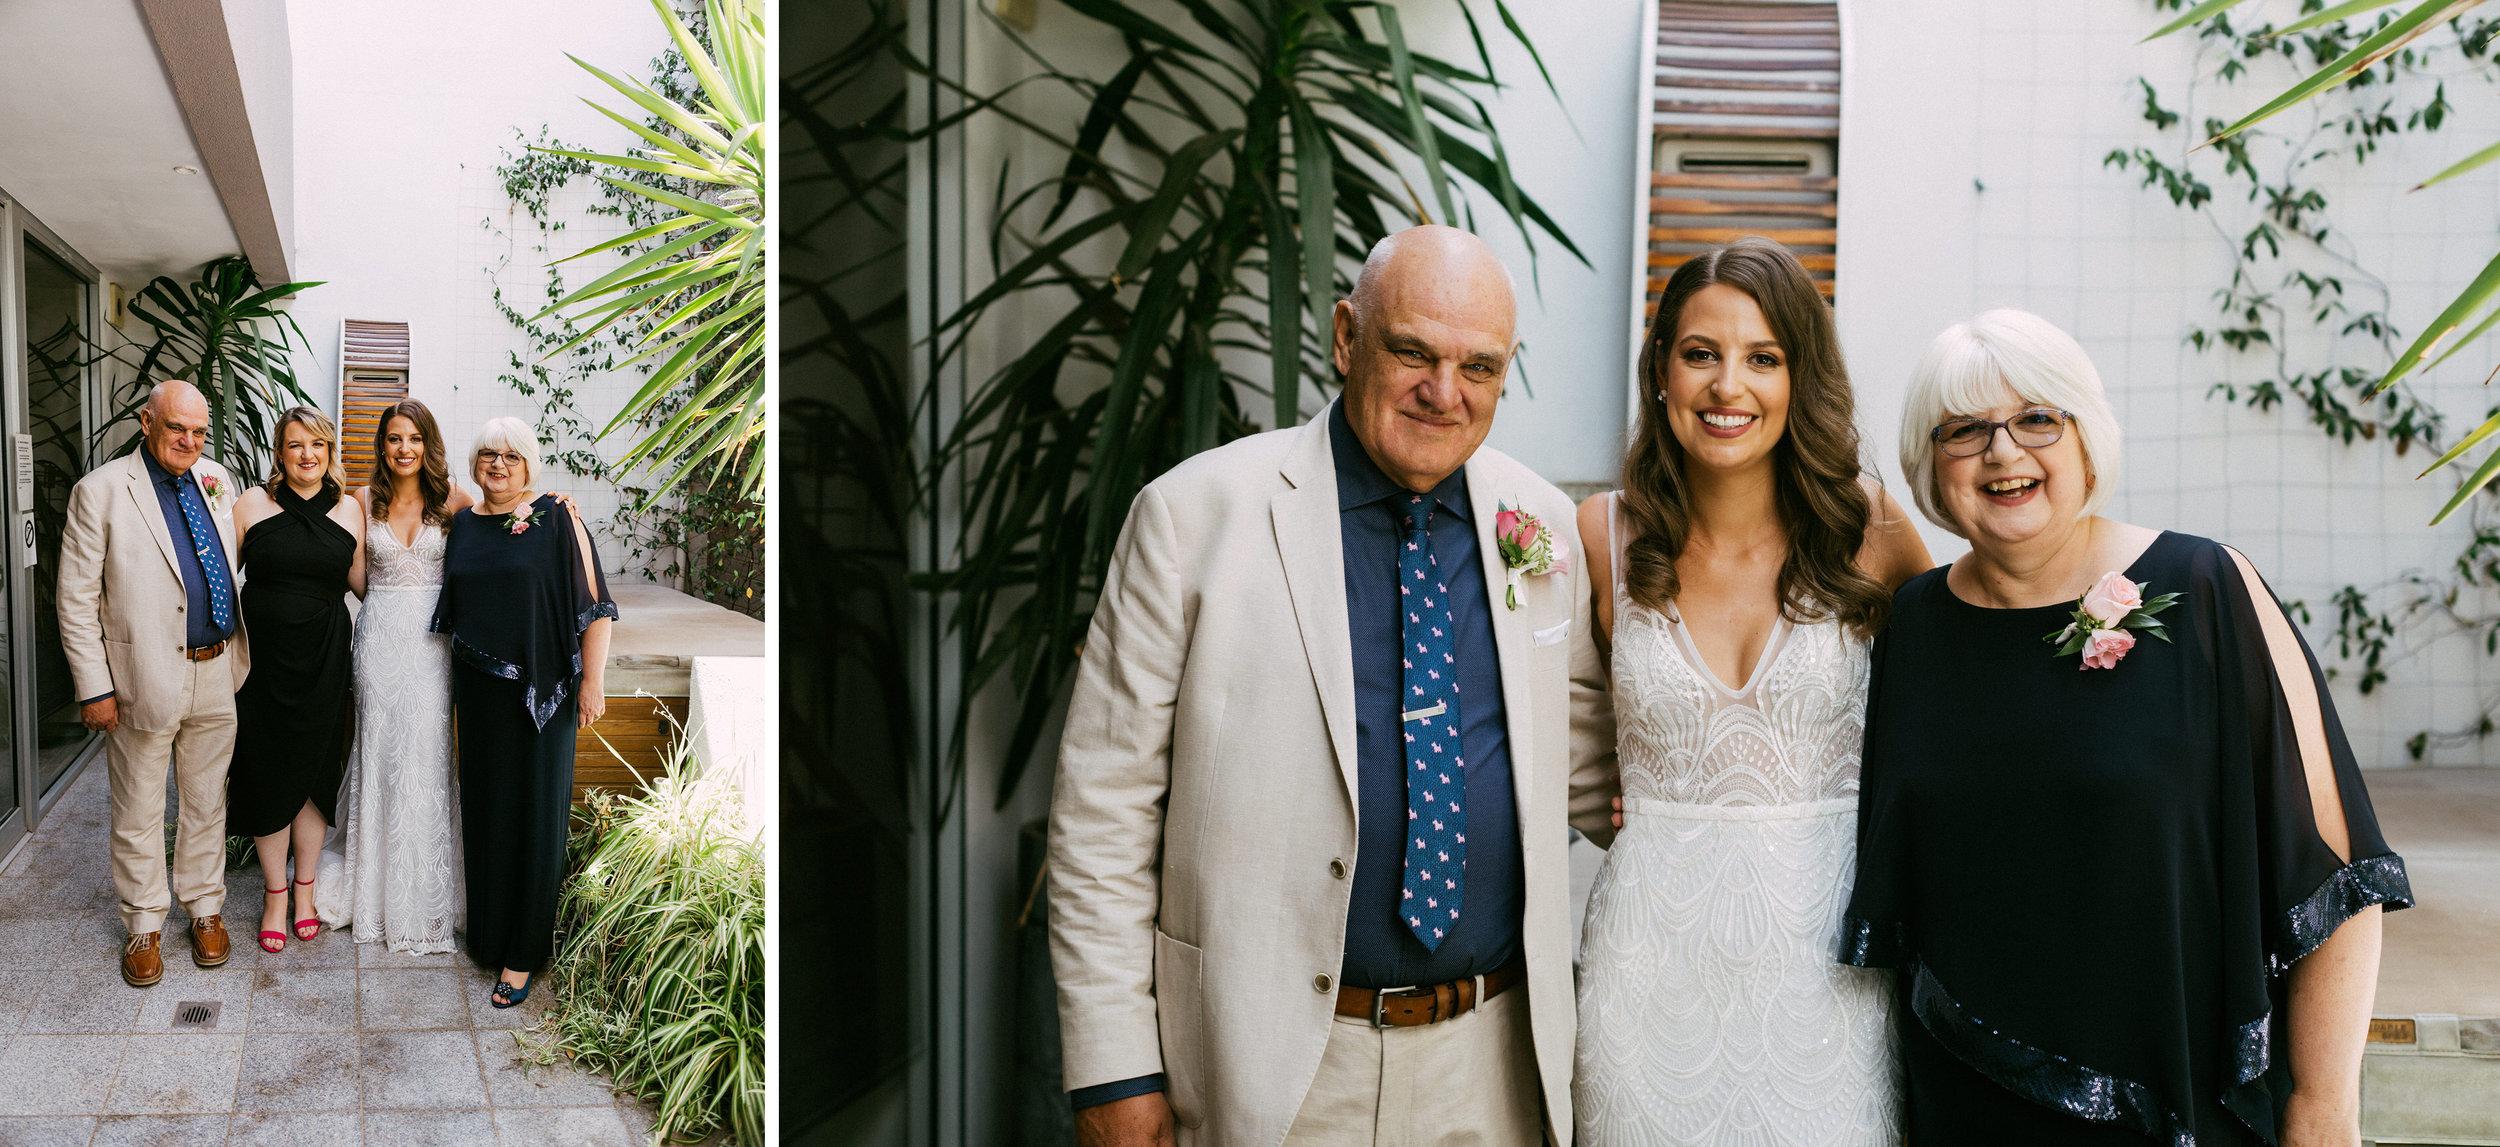 Adelaide City Fringe Garden Unearthly Delight Wedding 027.jpg